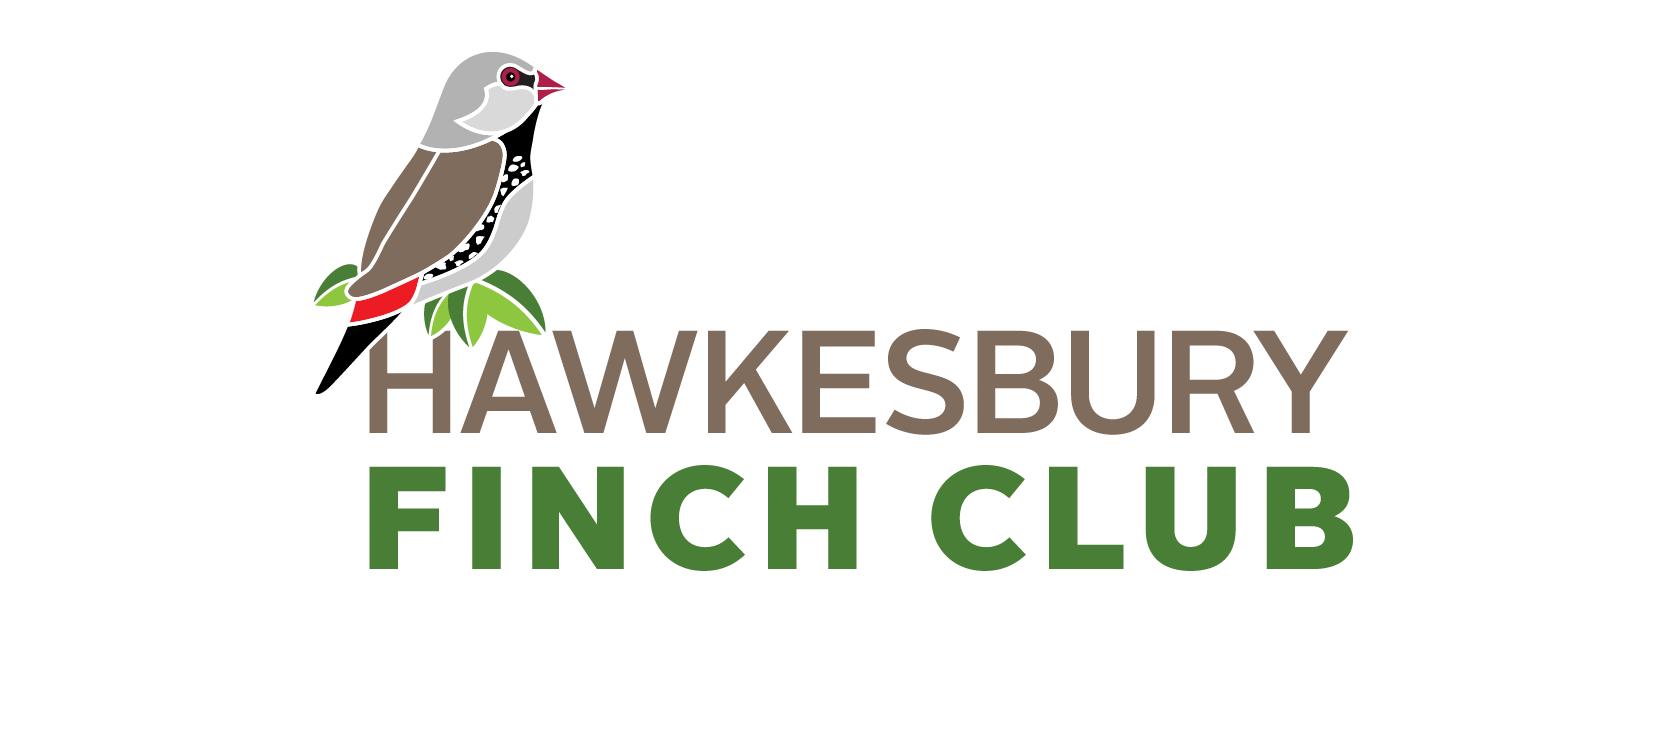 Hawkesbury Finch Club